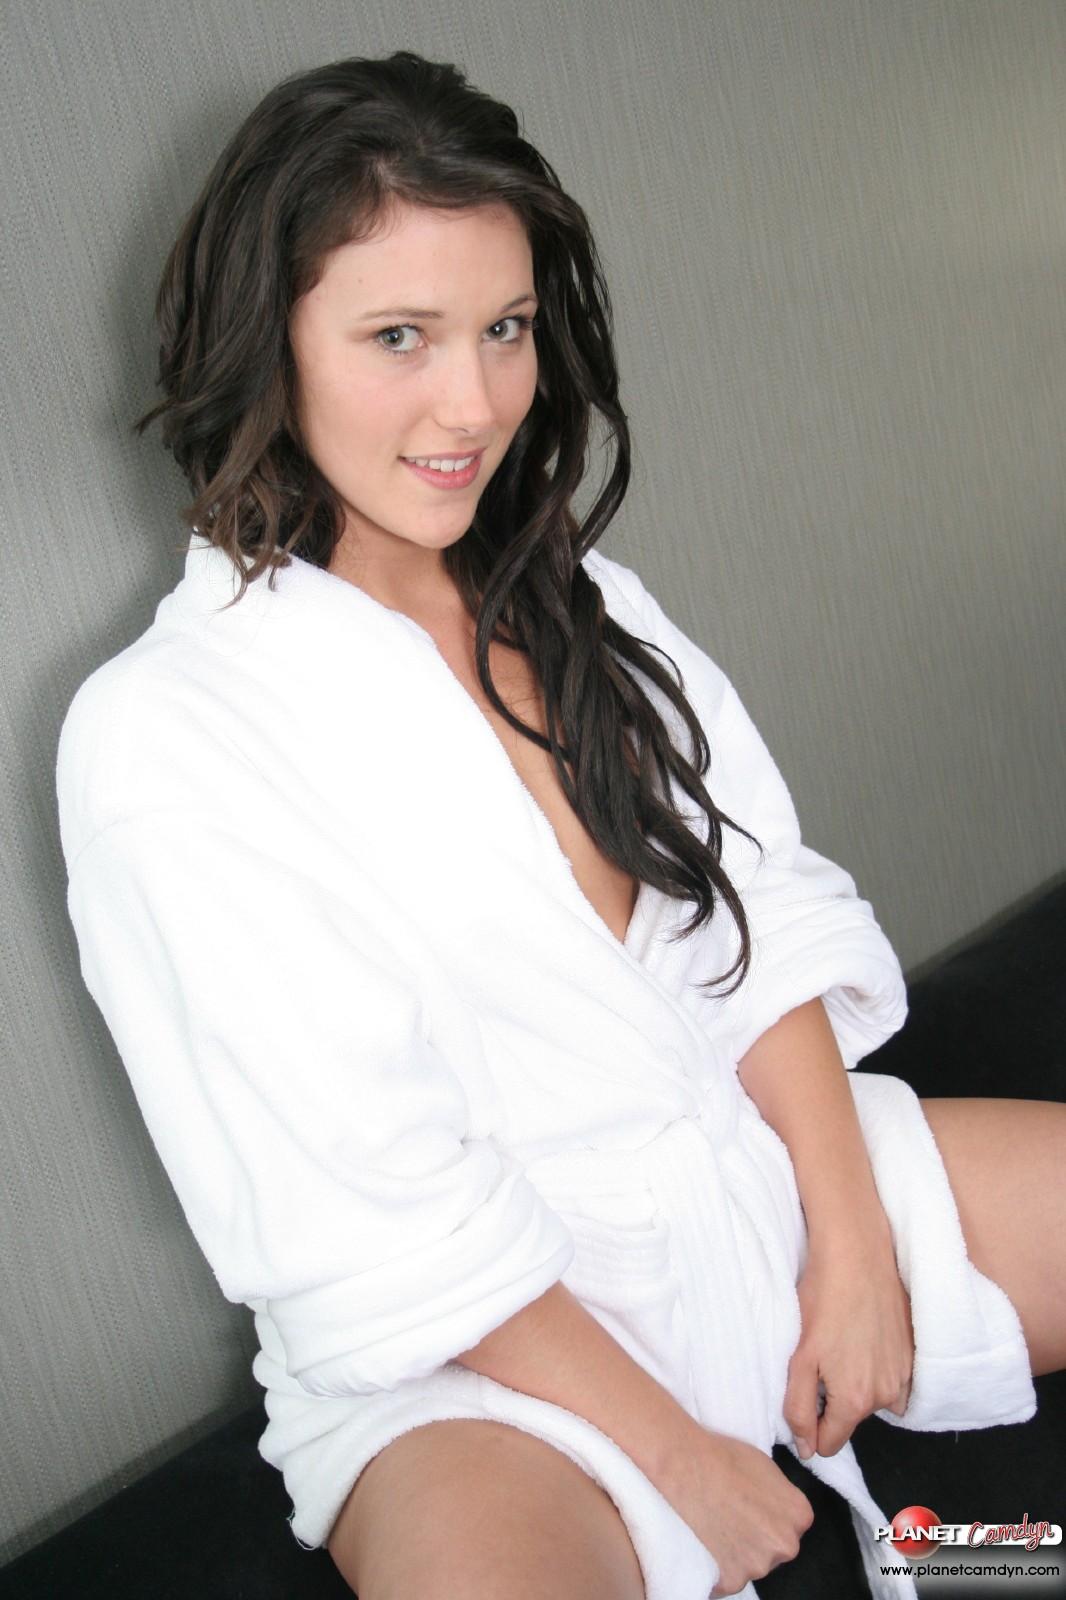 naked girl in robe porn pics